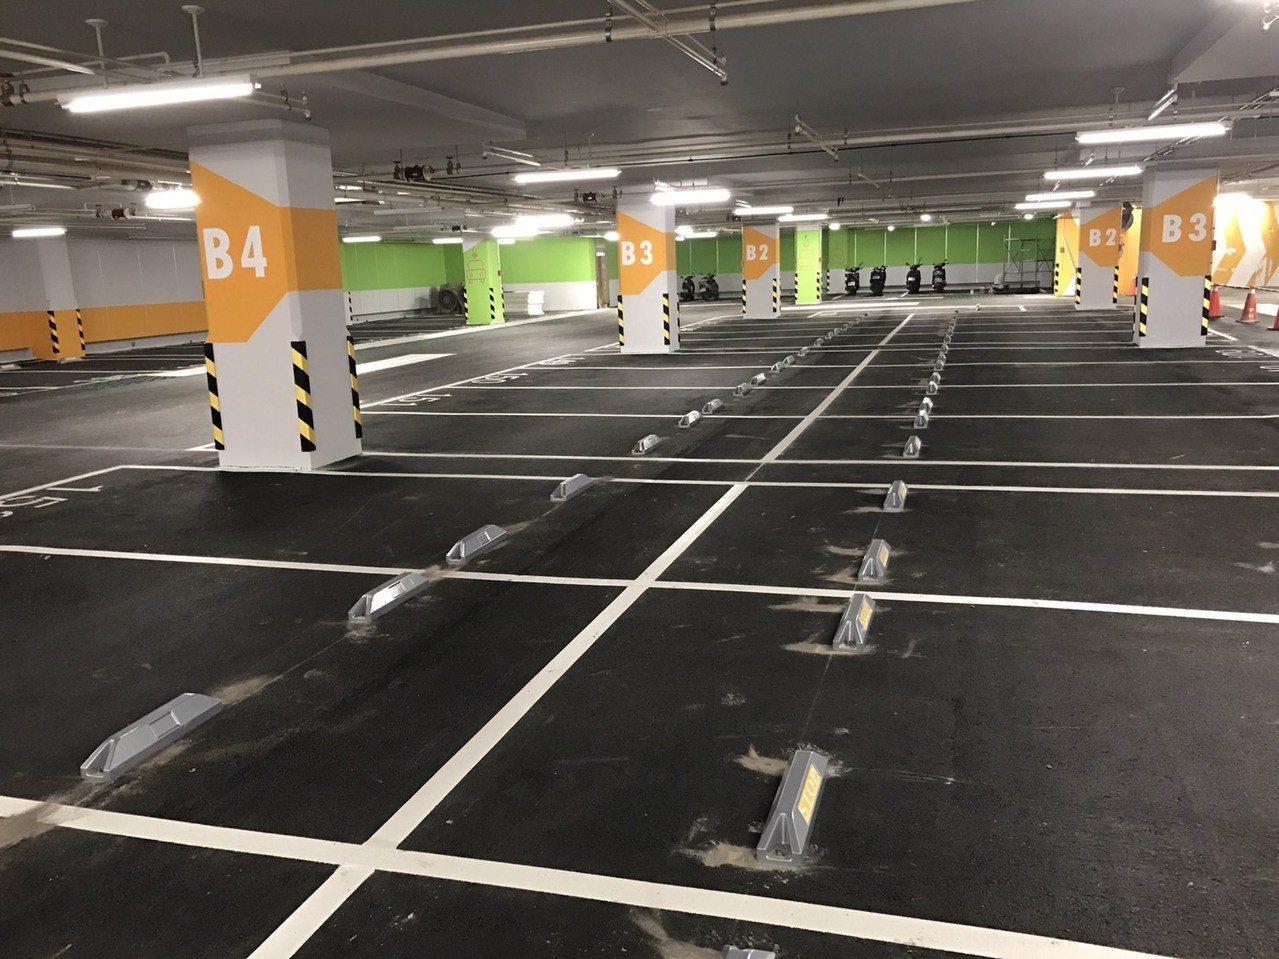 三重商工地下停車場將採車牌辨識、車位在席偵測系統等智慧停車服務,其中車位在席偵測...